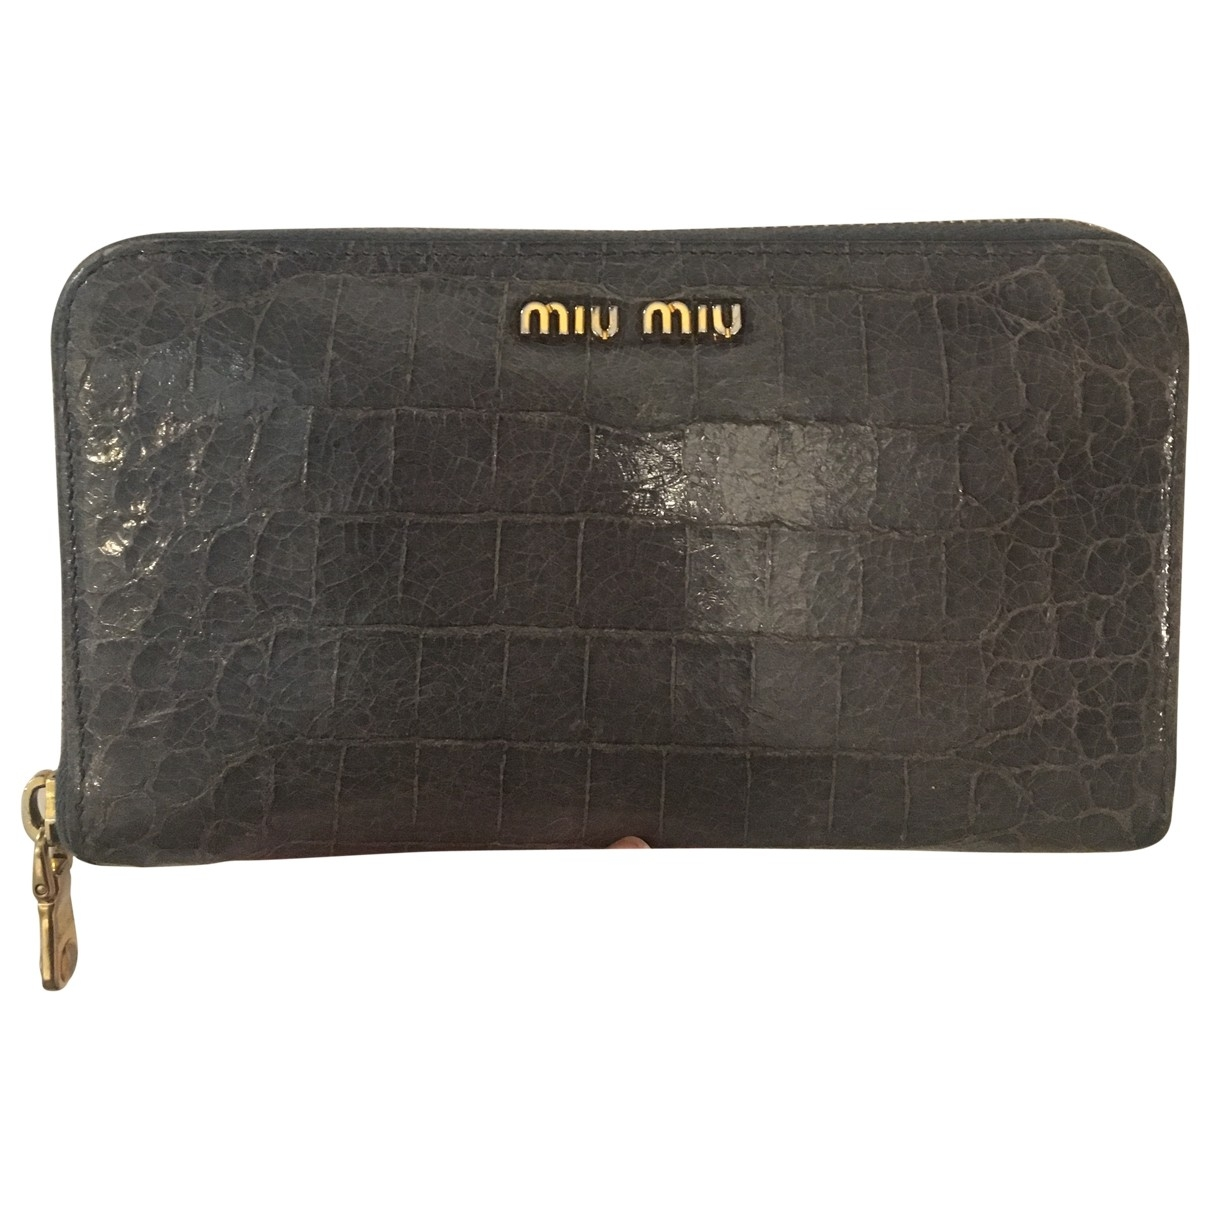 Miu Miu \N Portemonnaie in  Grau Lackleder